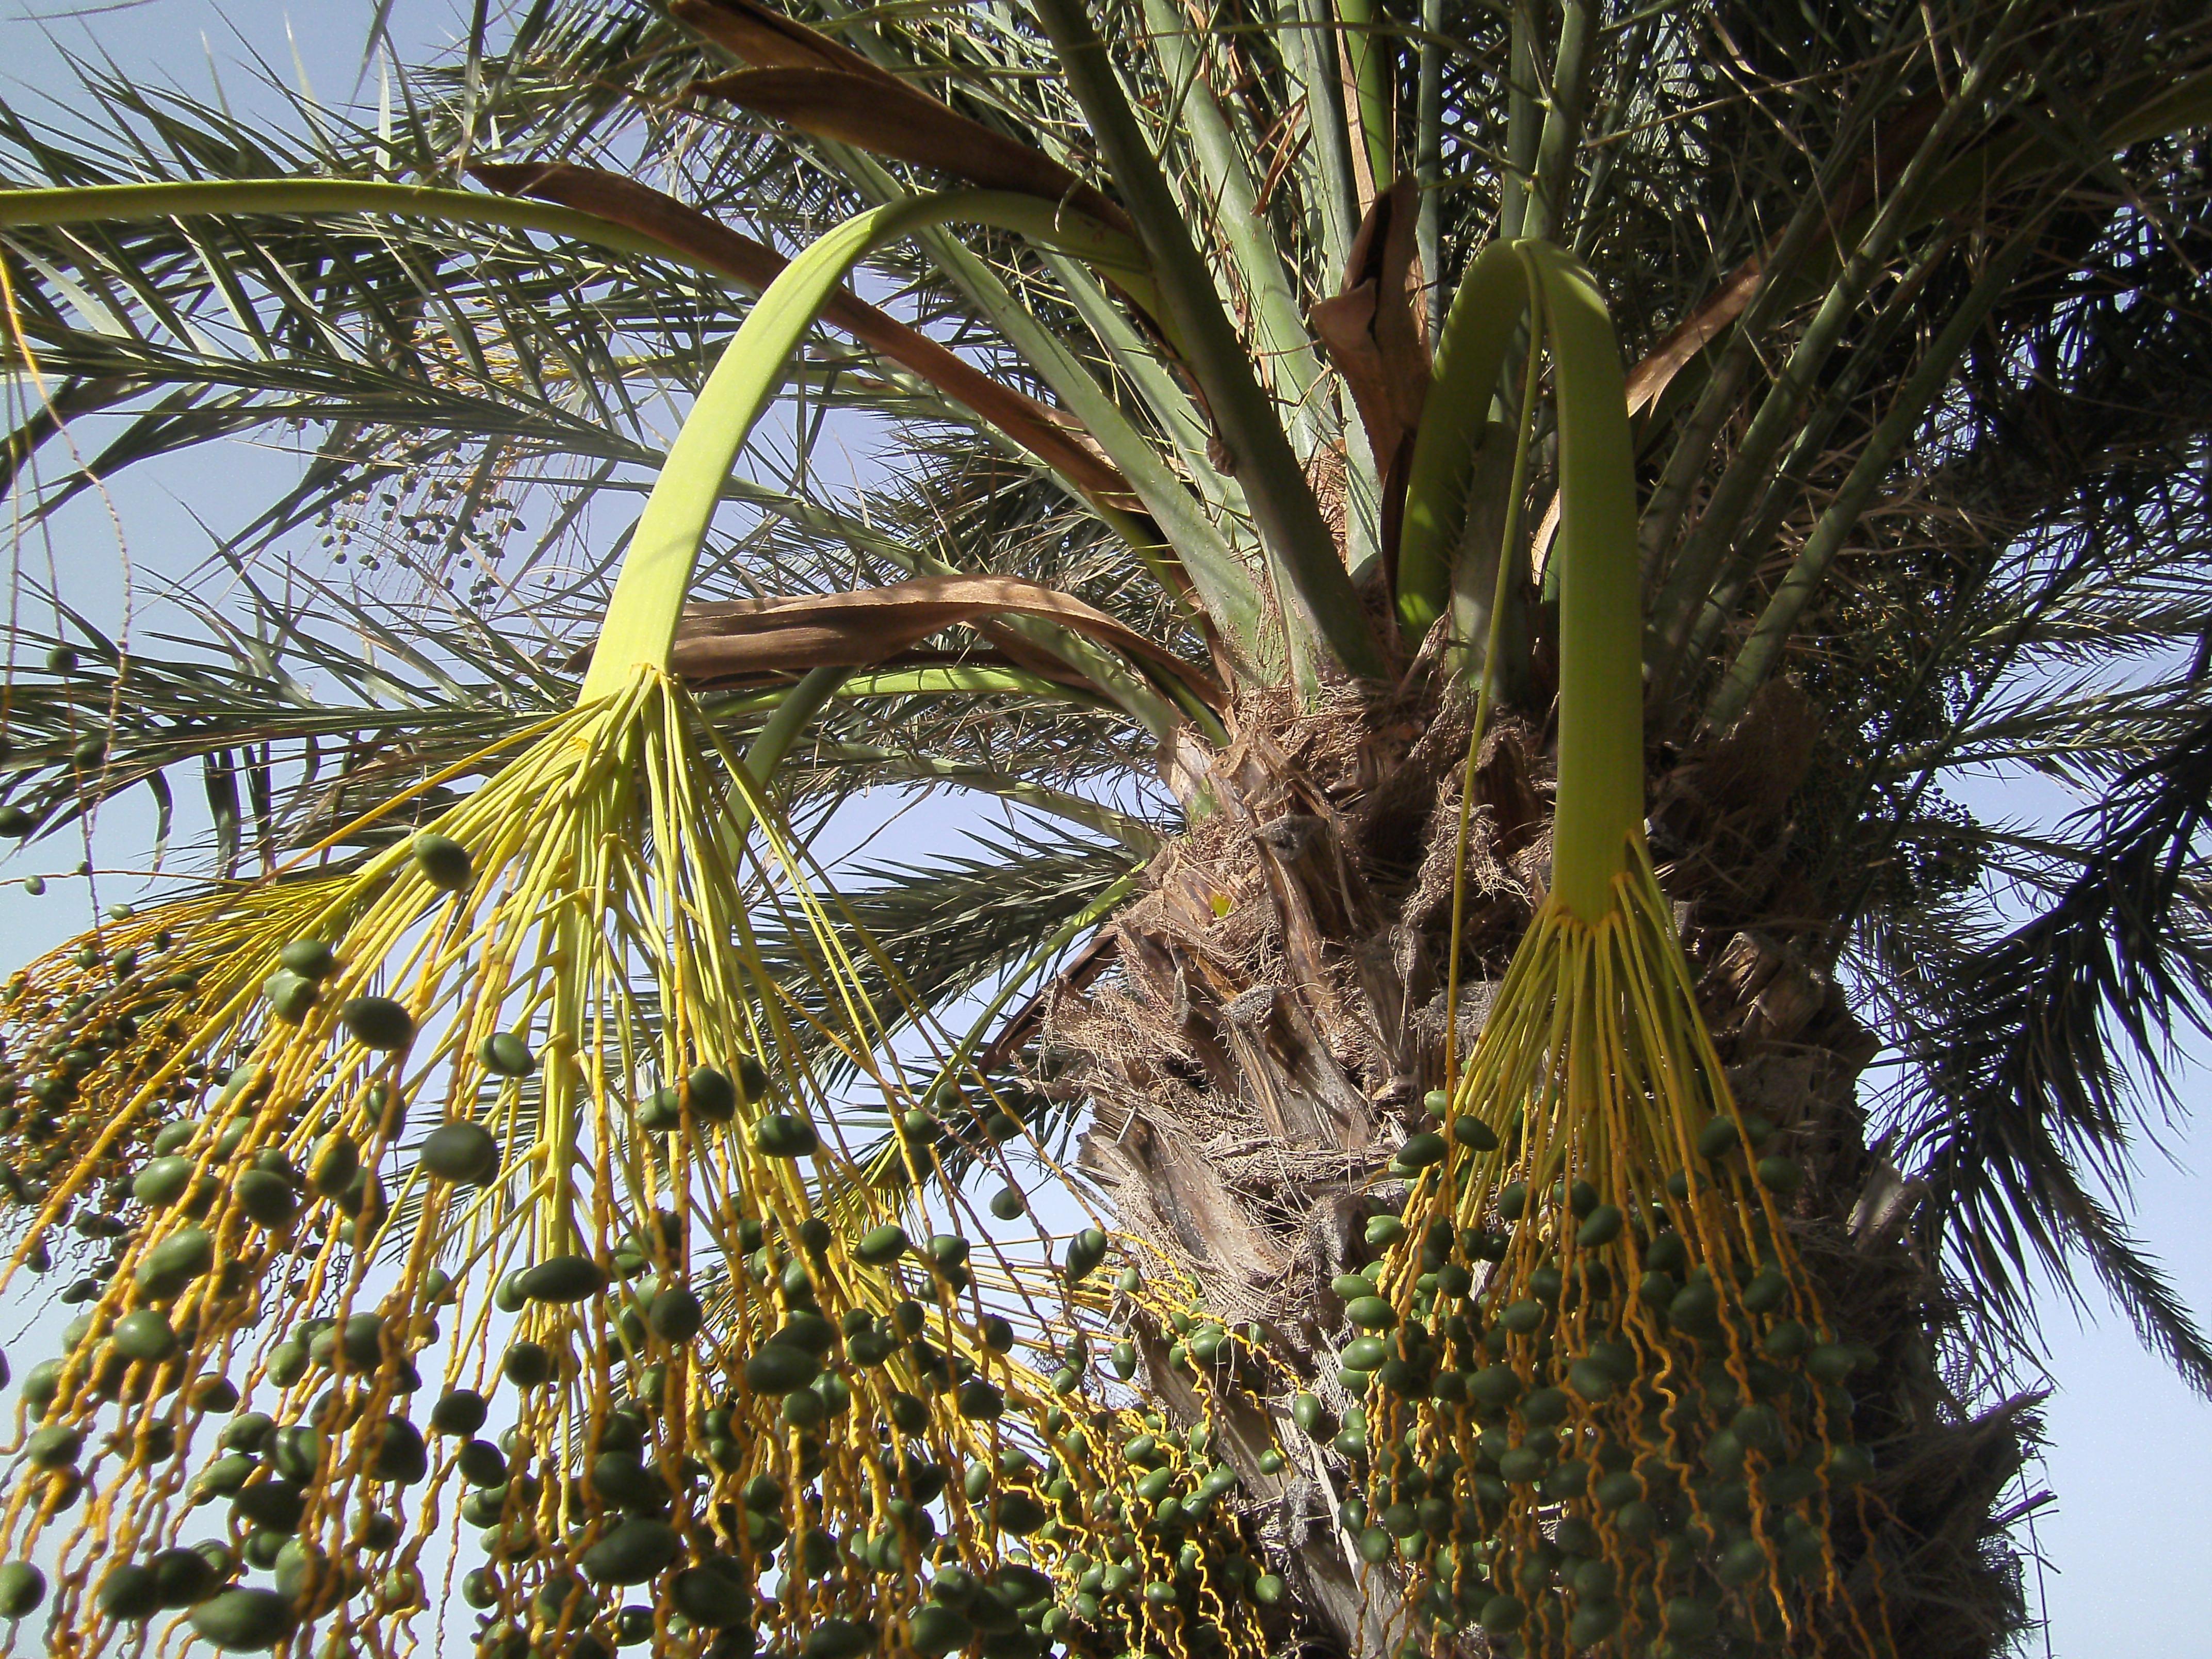 автора деревья туниса фото может